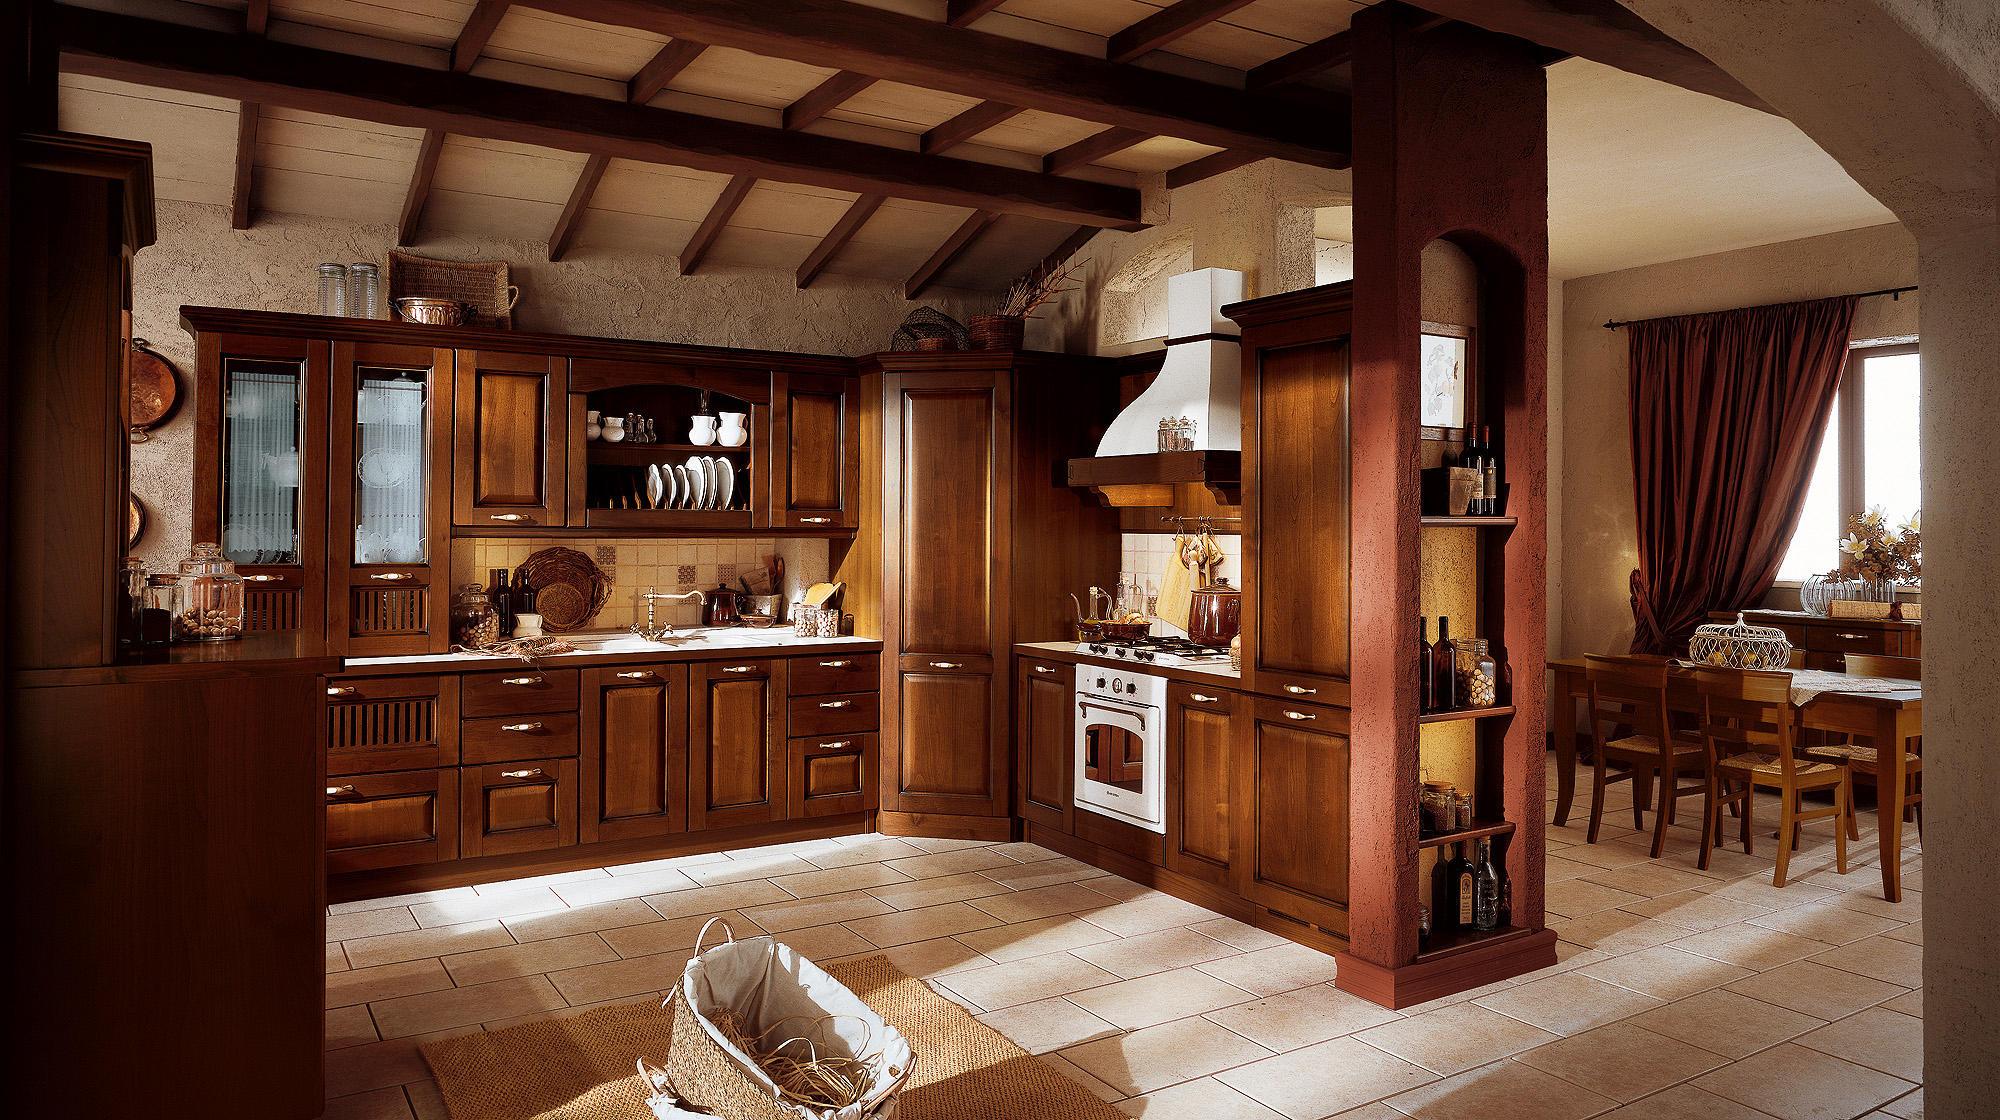 Verdiana cucine a parete veneta cucine architonic - Cucine a parete ...